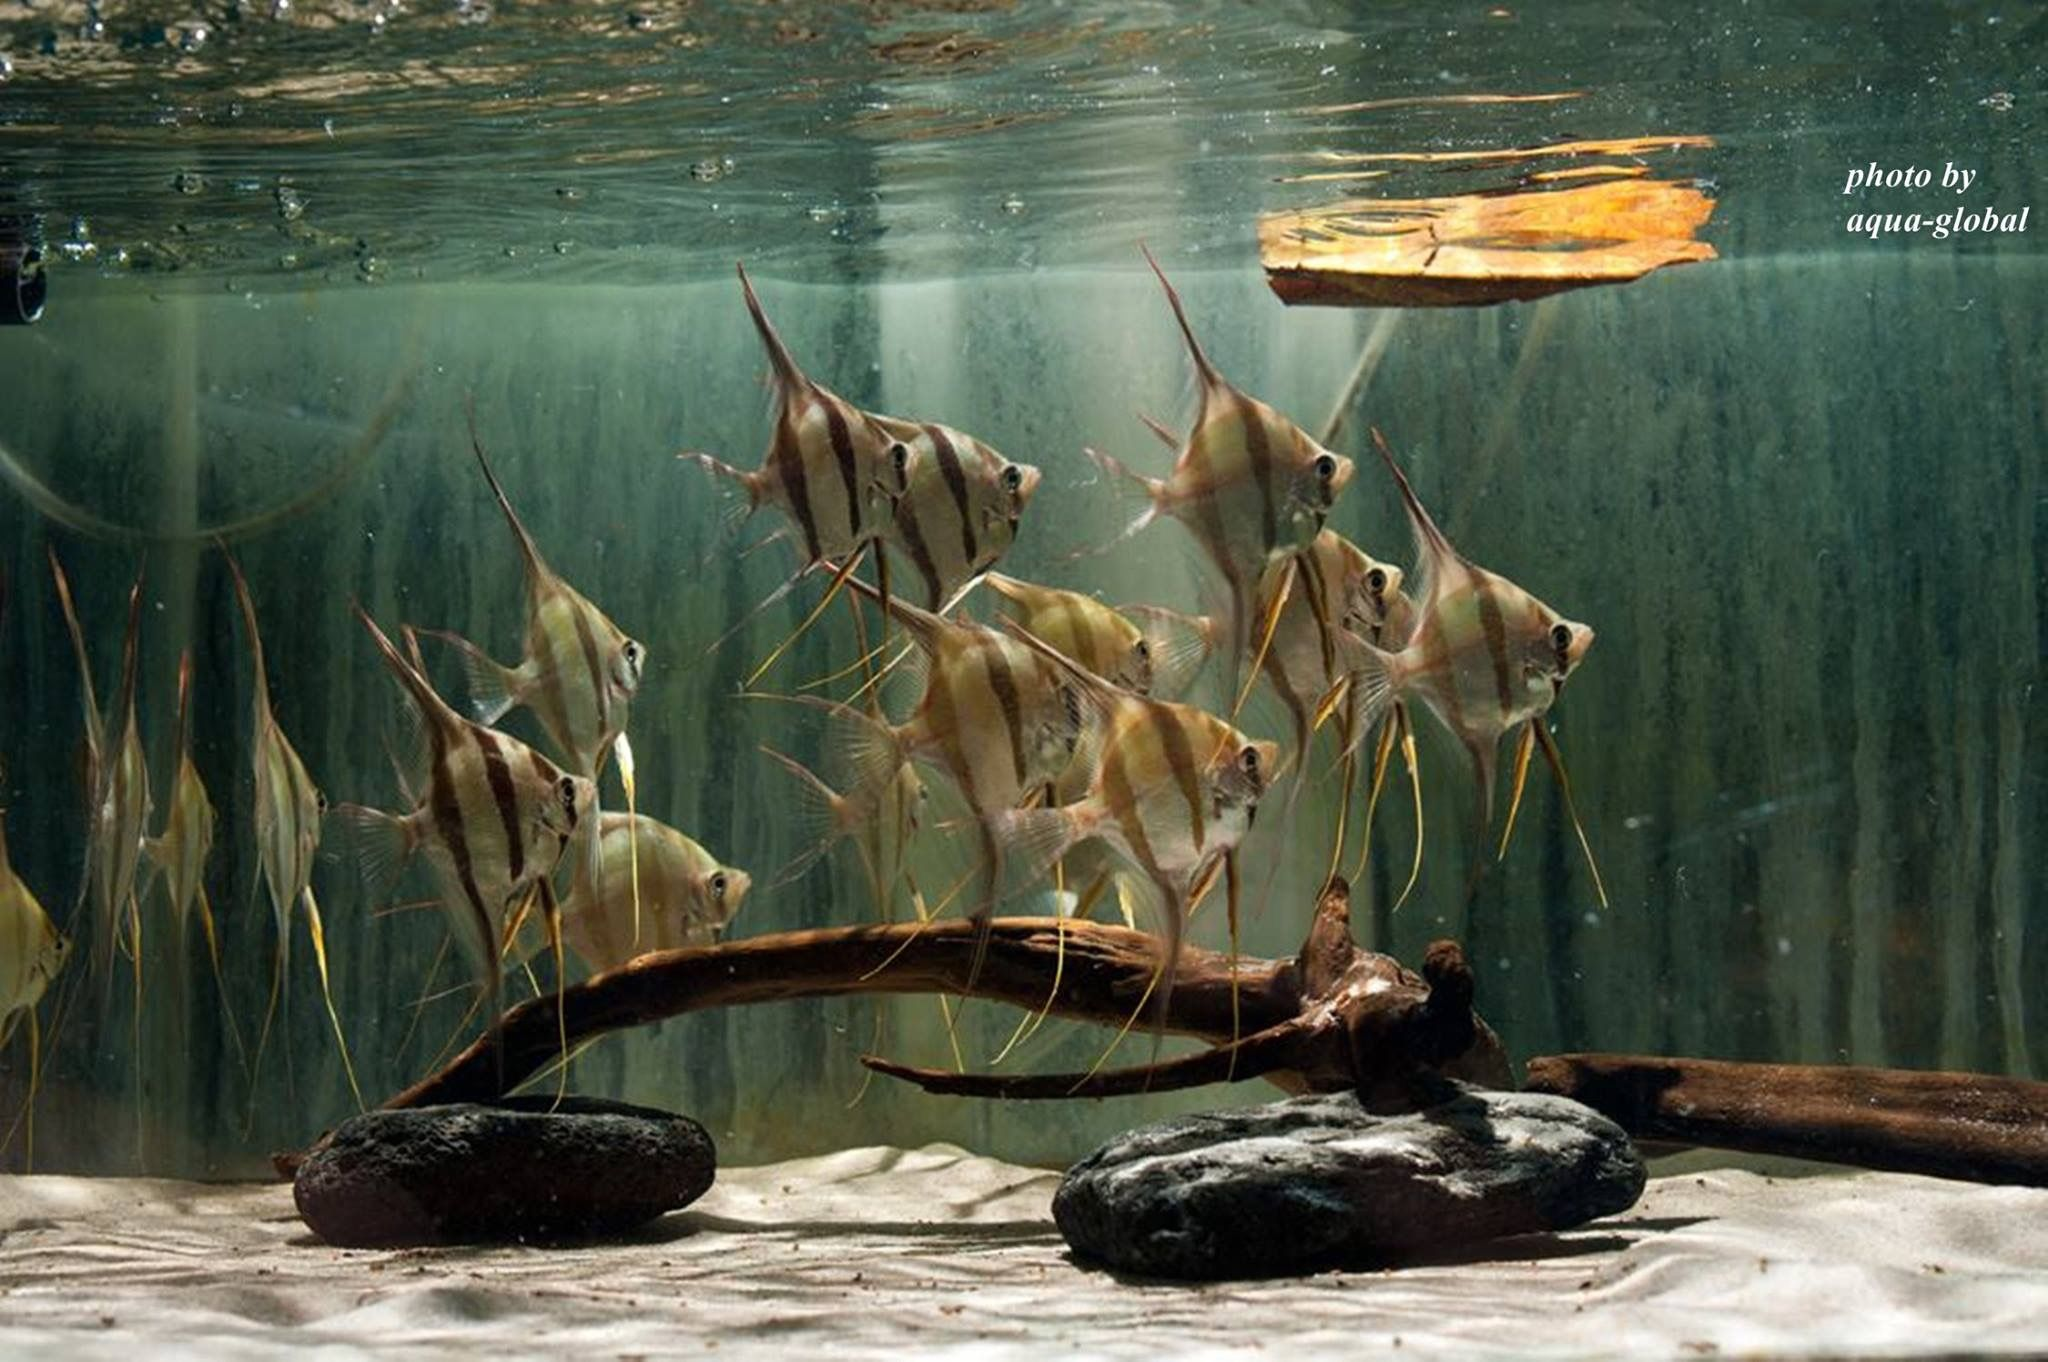 3ad963347b1fa4f8c9a87d611abcdf2c Frais De Aquarium Amazonien Concept